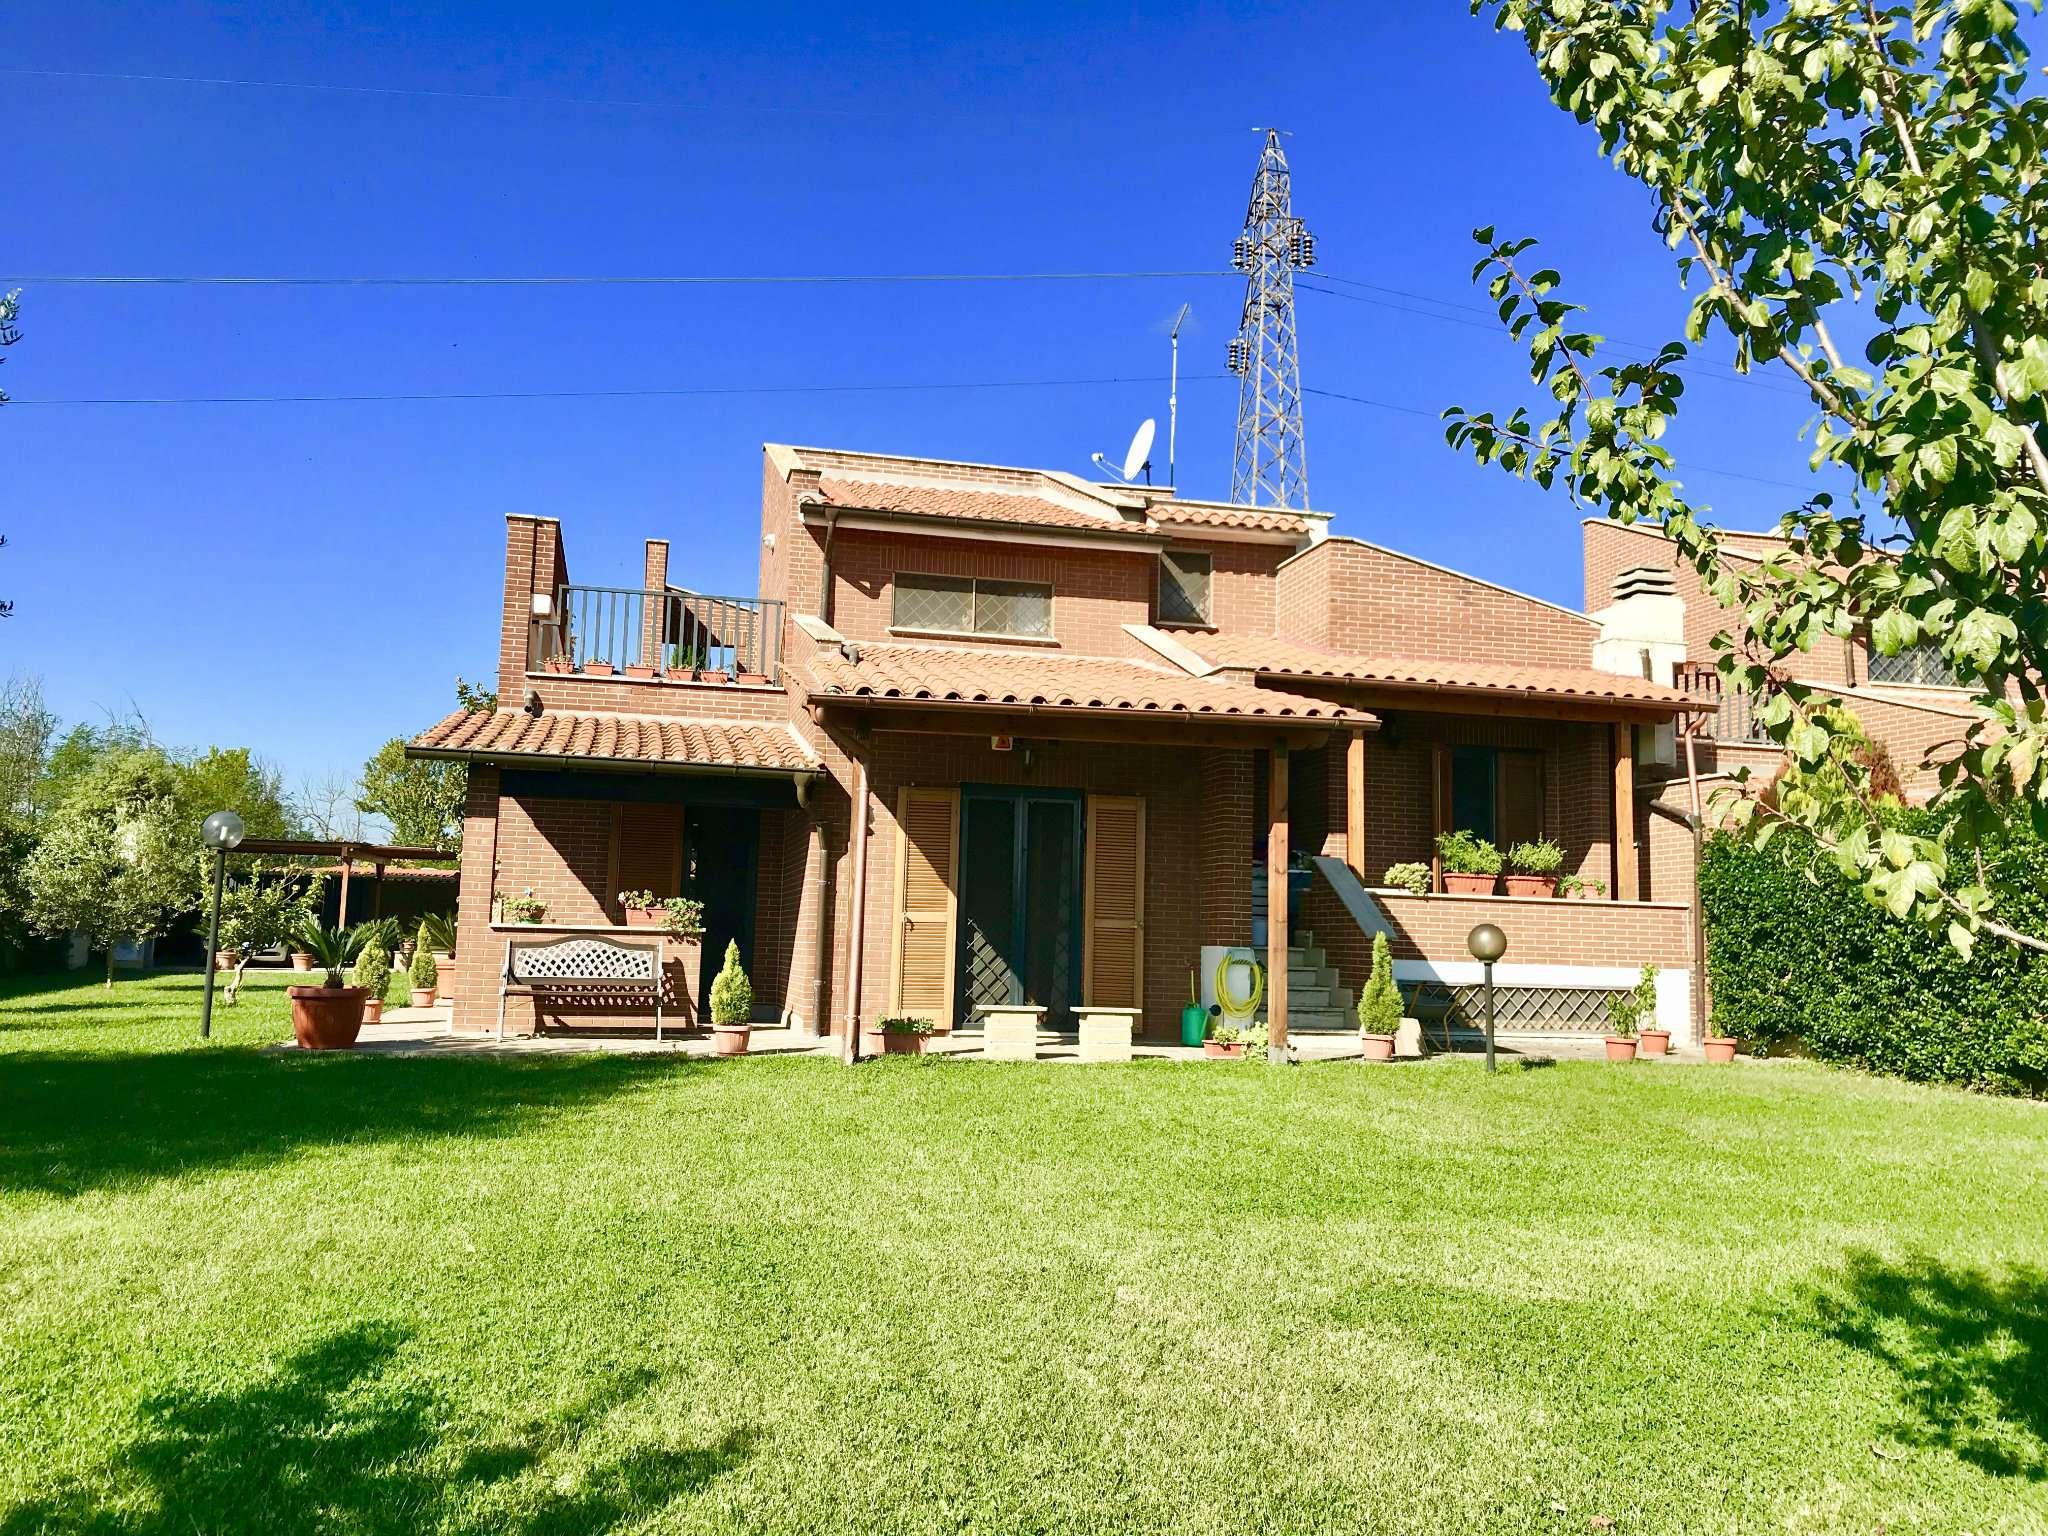 Villa in vendita a Roma, 7 locali, zona Zona: 31 . Giustiniana, Tomba di Nerone, Cassia, prezzo € 495.000 | CambioCasa.it